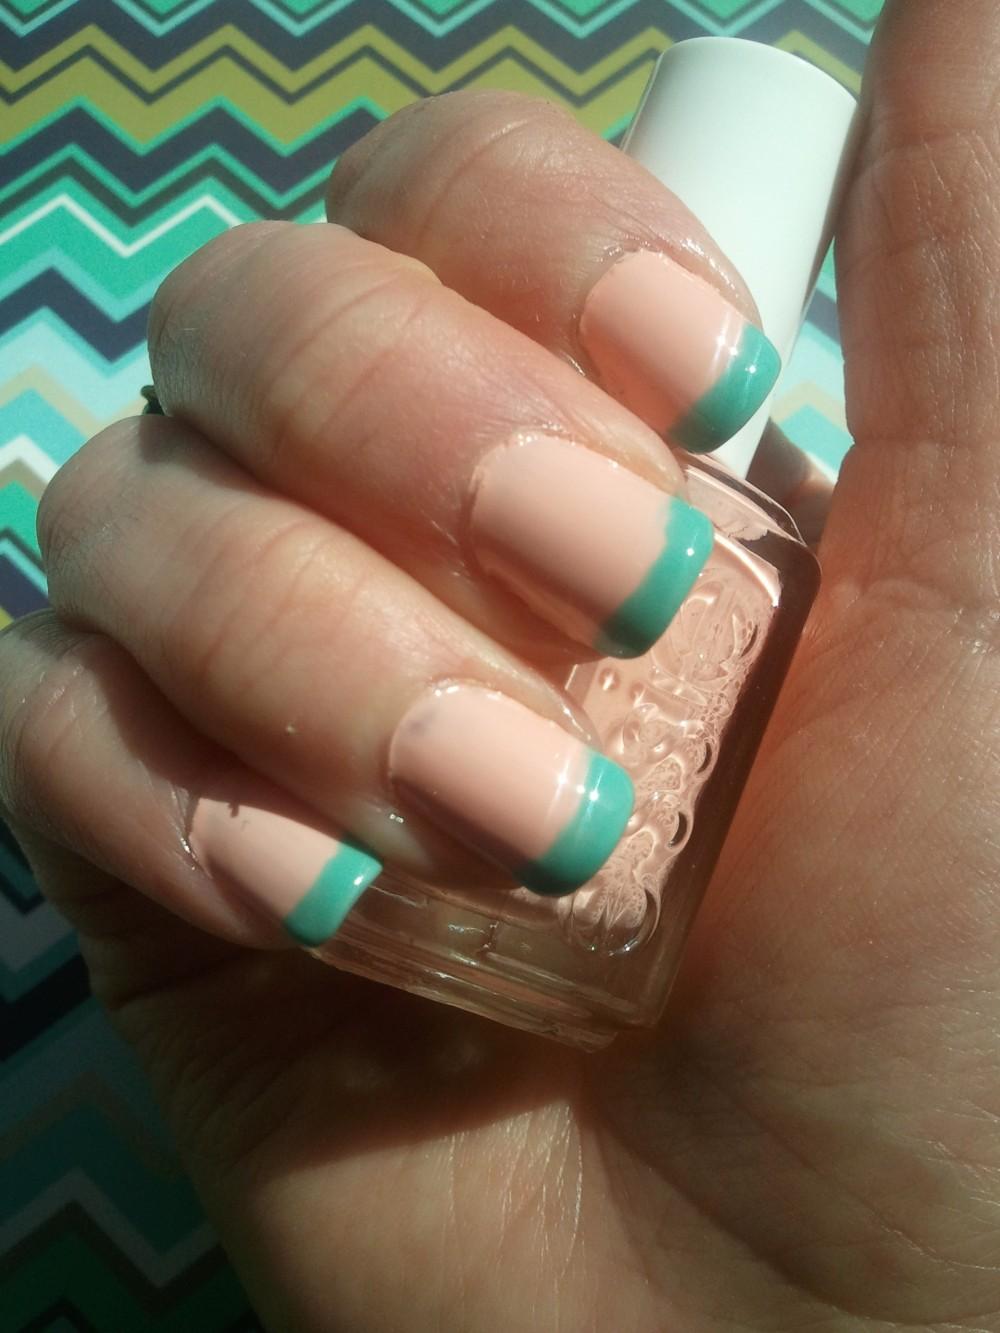 Zooey Daschanel Copy Cat nails with Essie